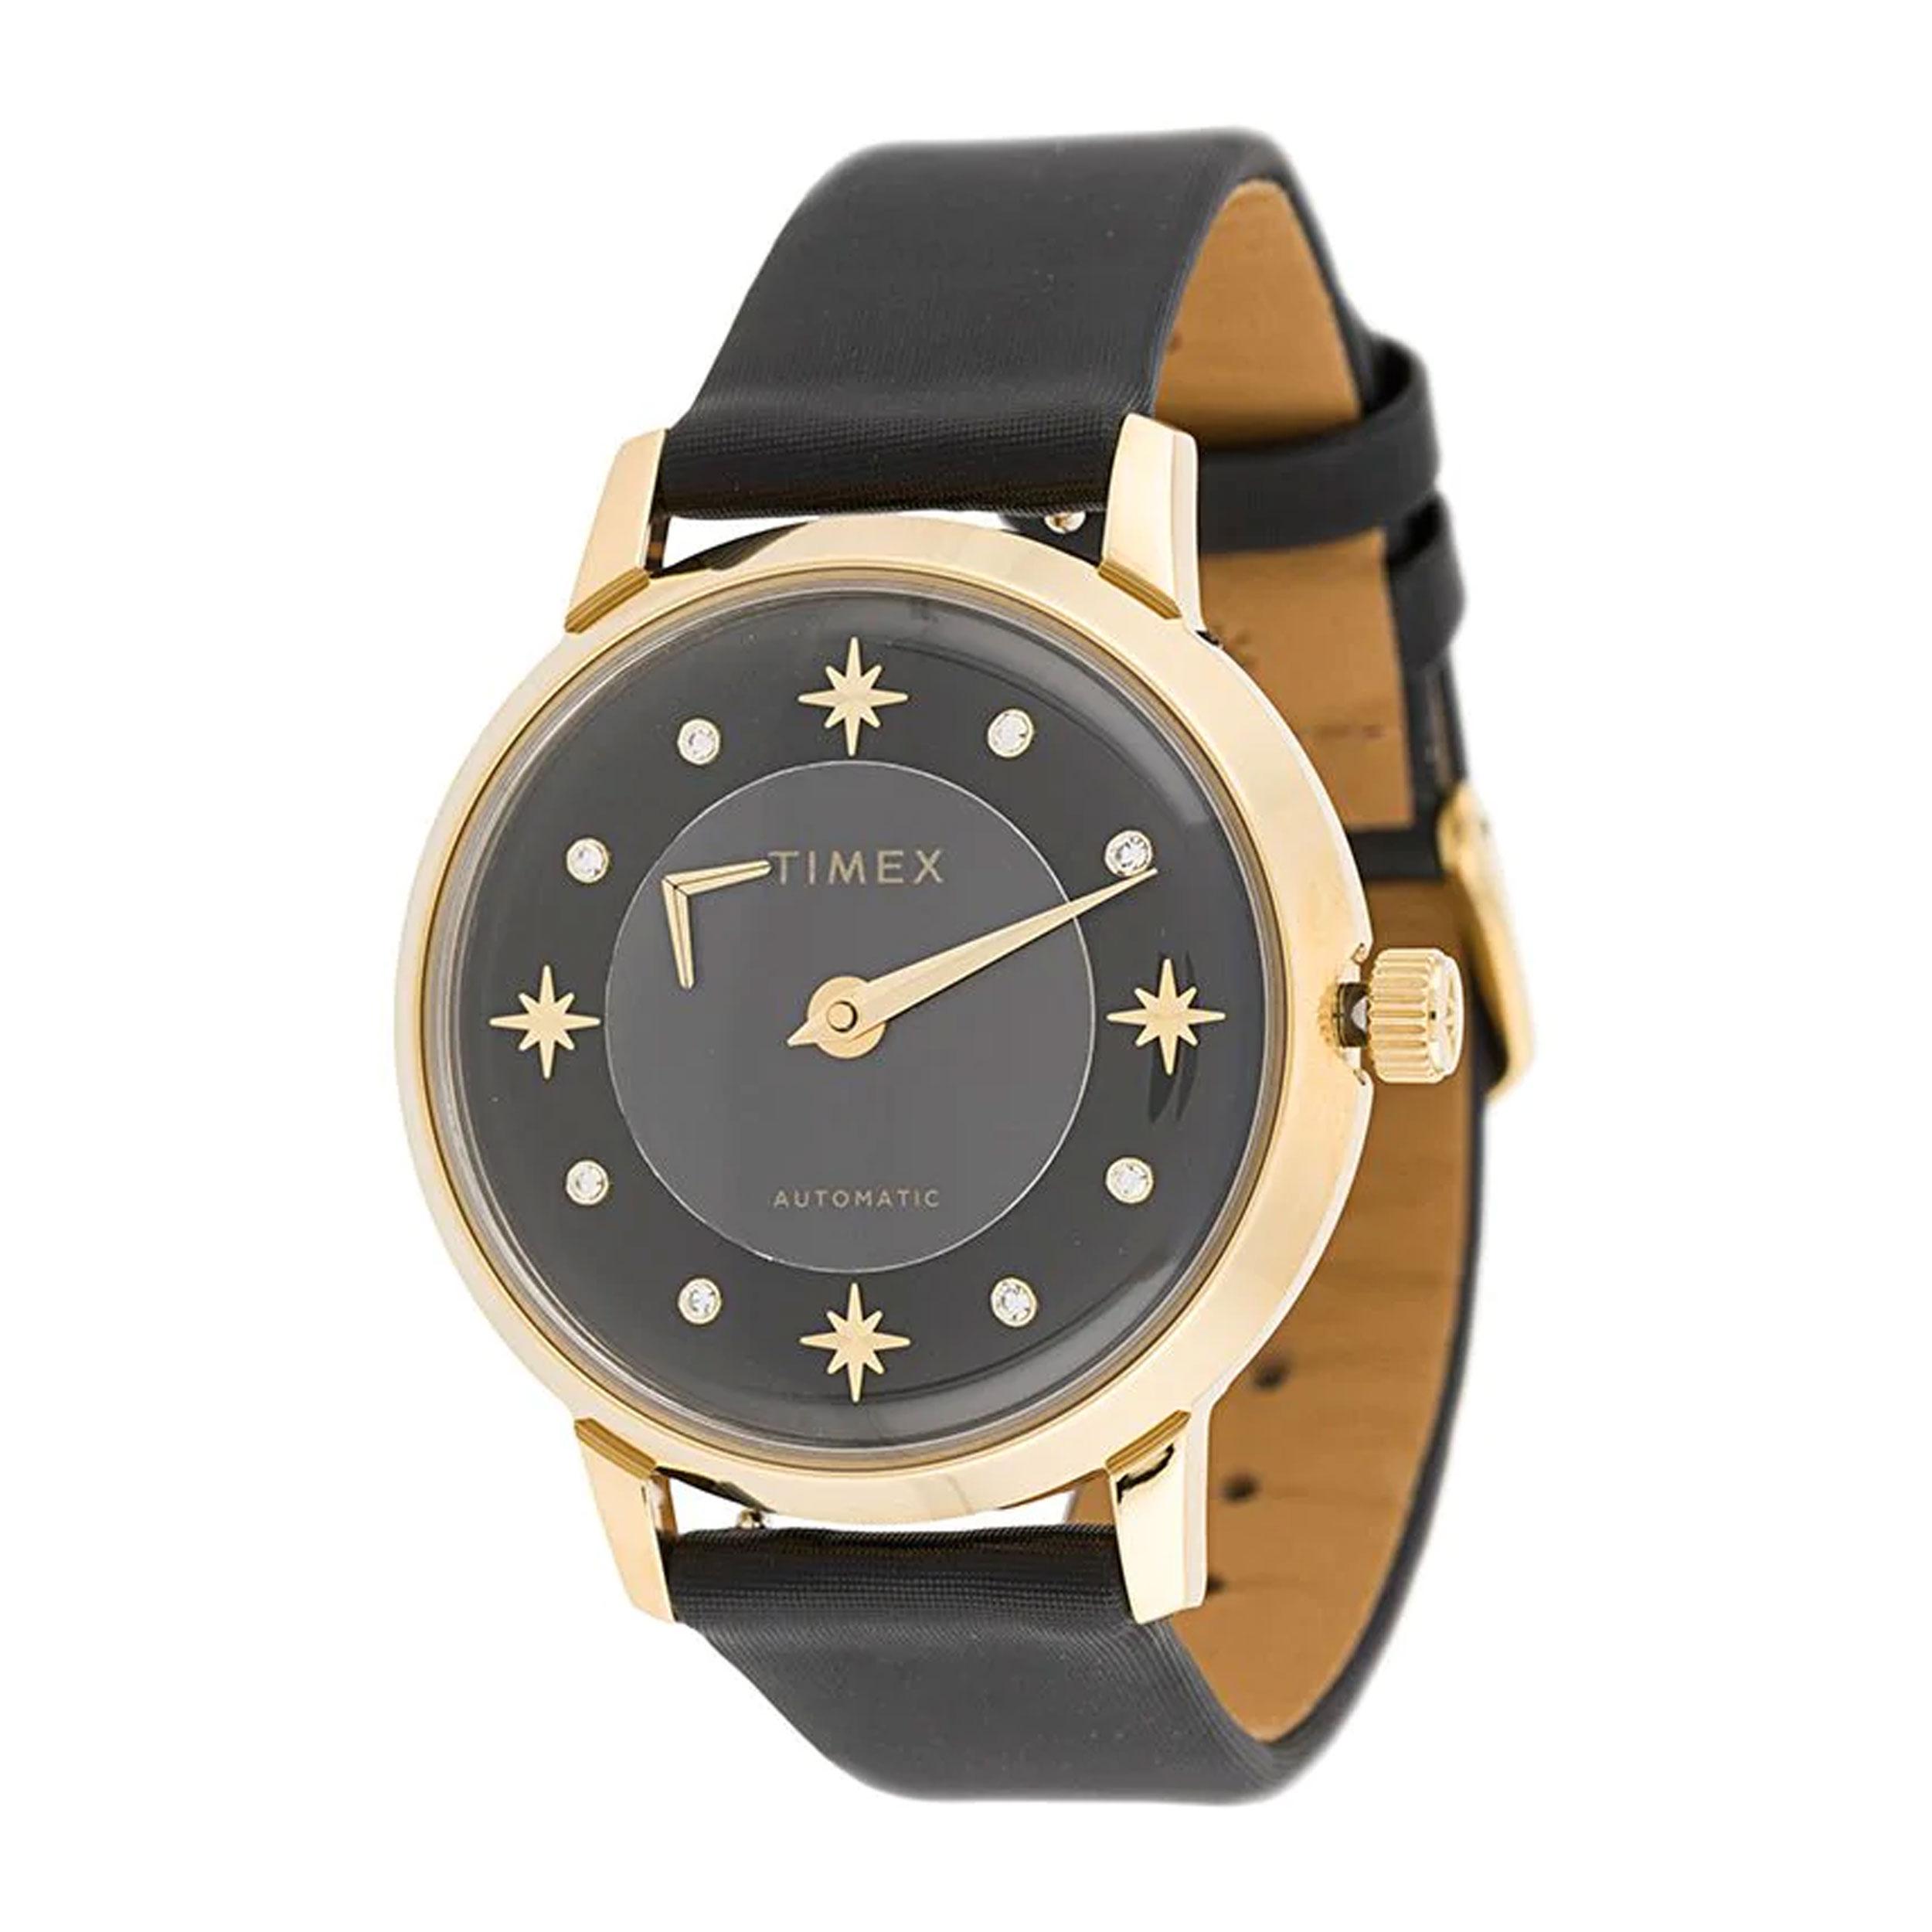 ساعت مچی عقربه ای زنانه تایمکس مدل TW2T86300